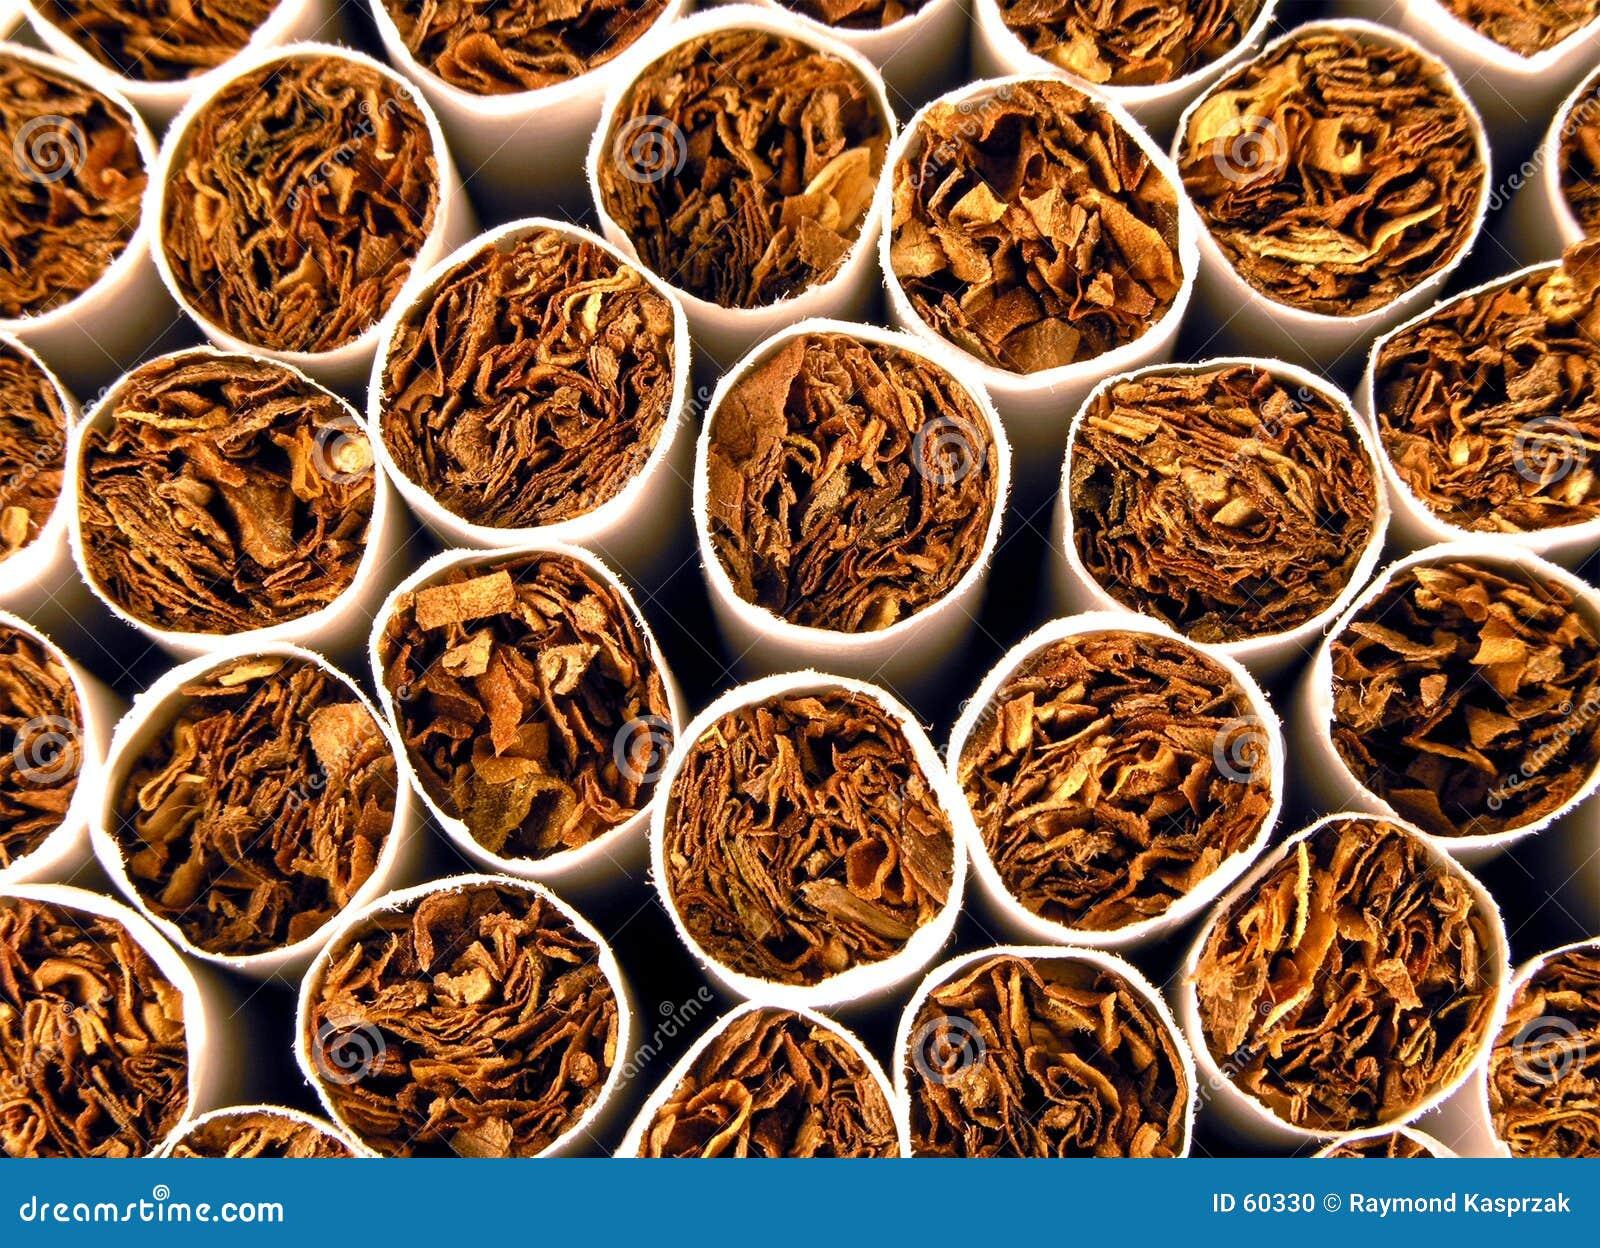 καπνός ανασκόπησης